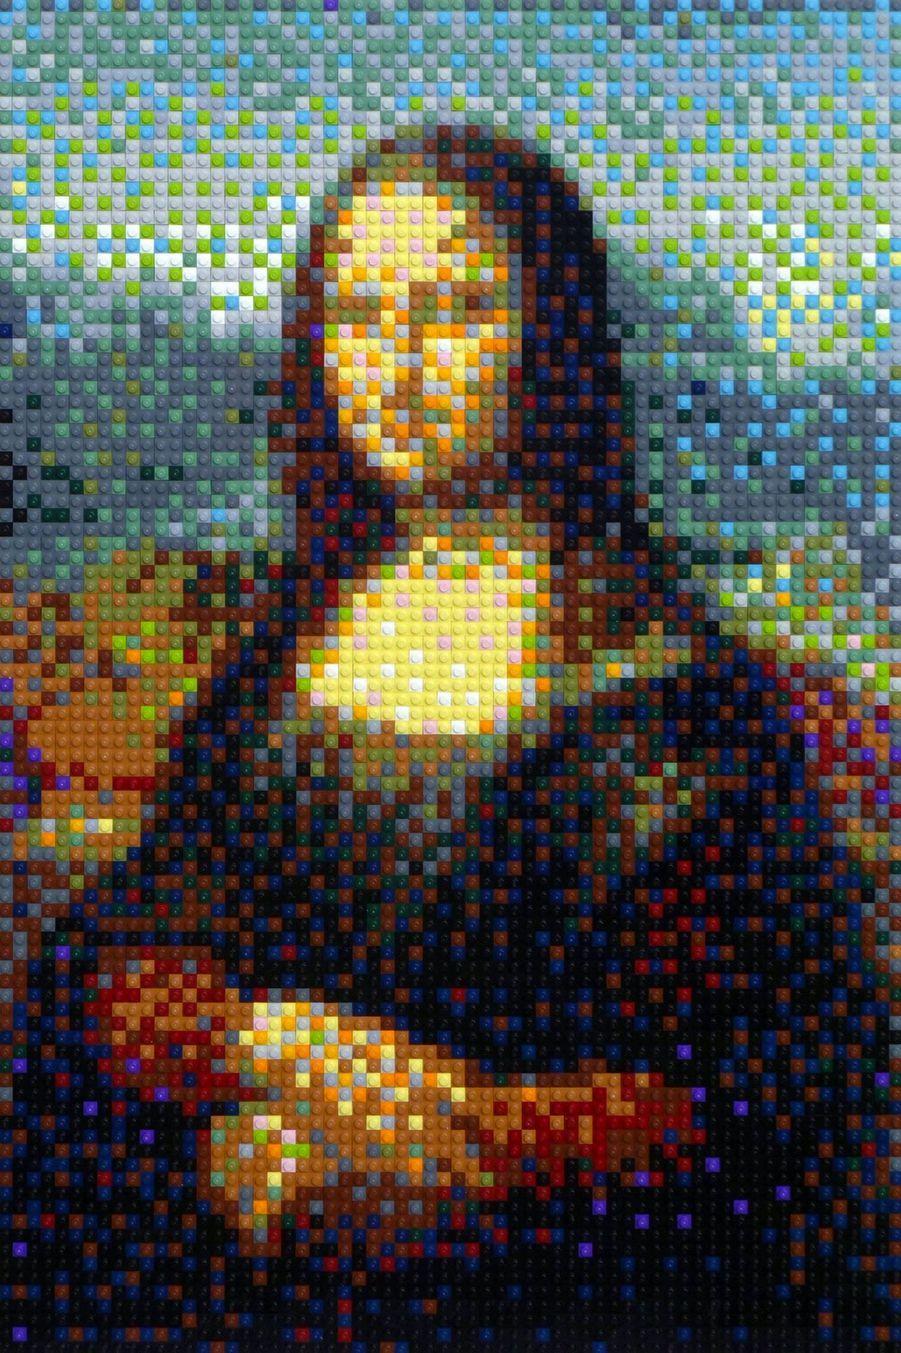 Des tableaux de maitres reproduits en Lego